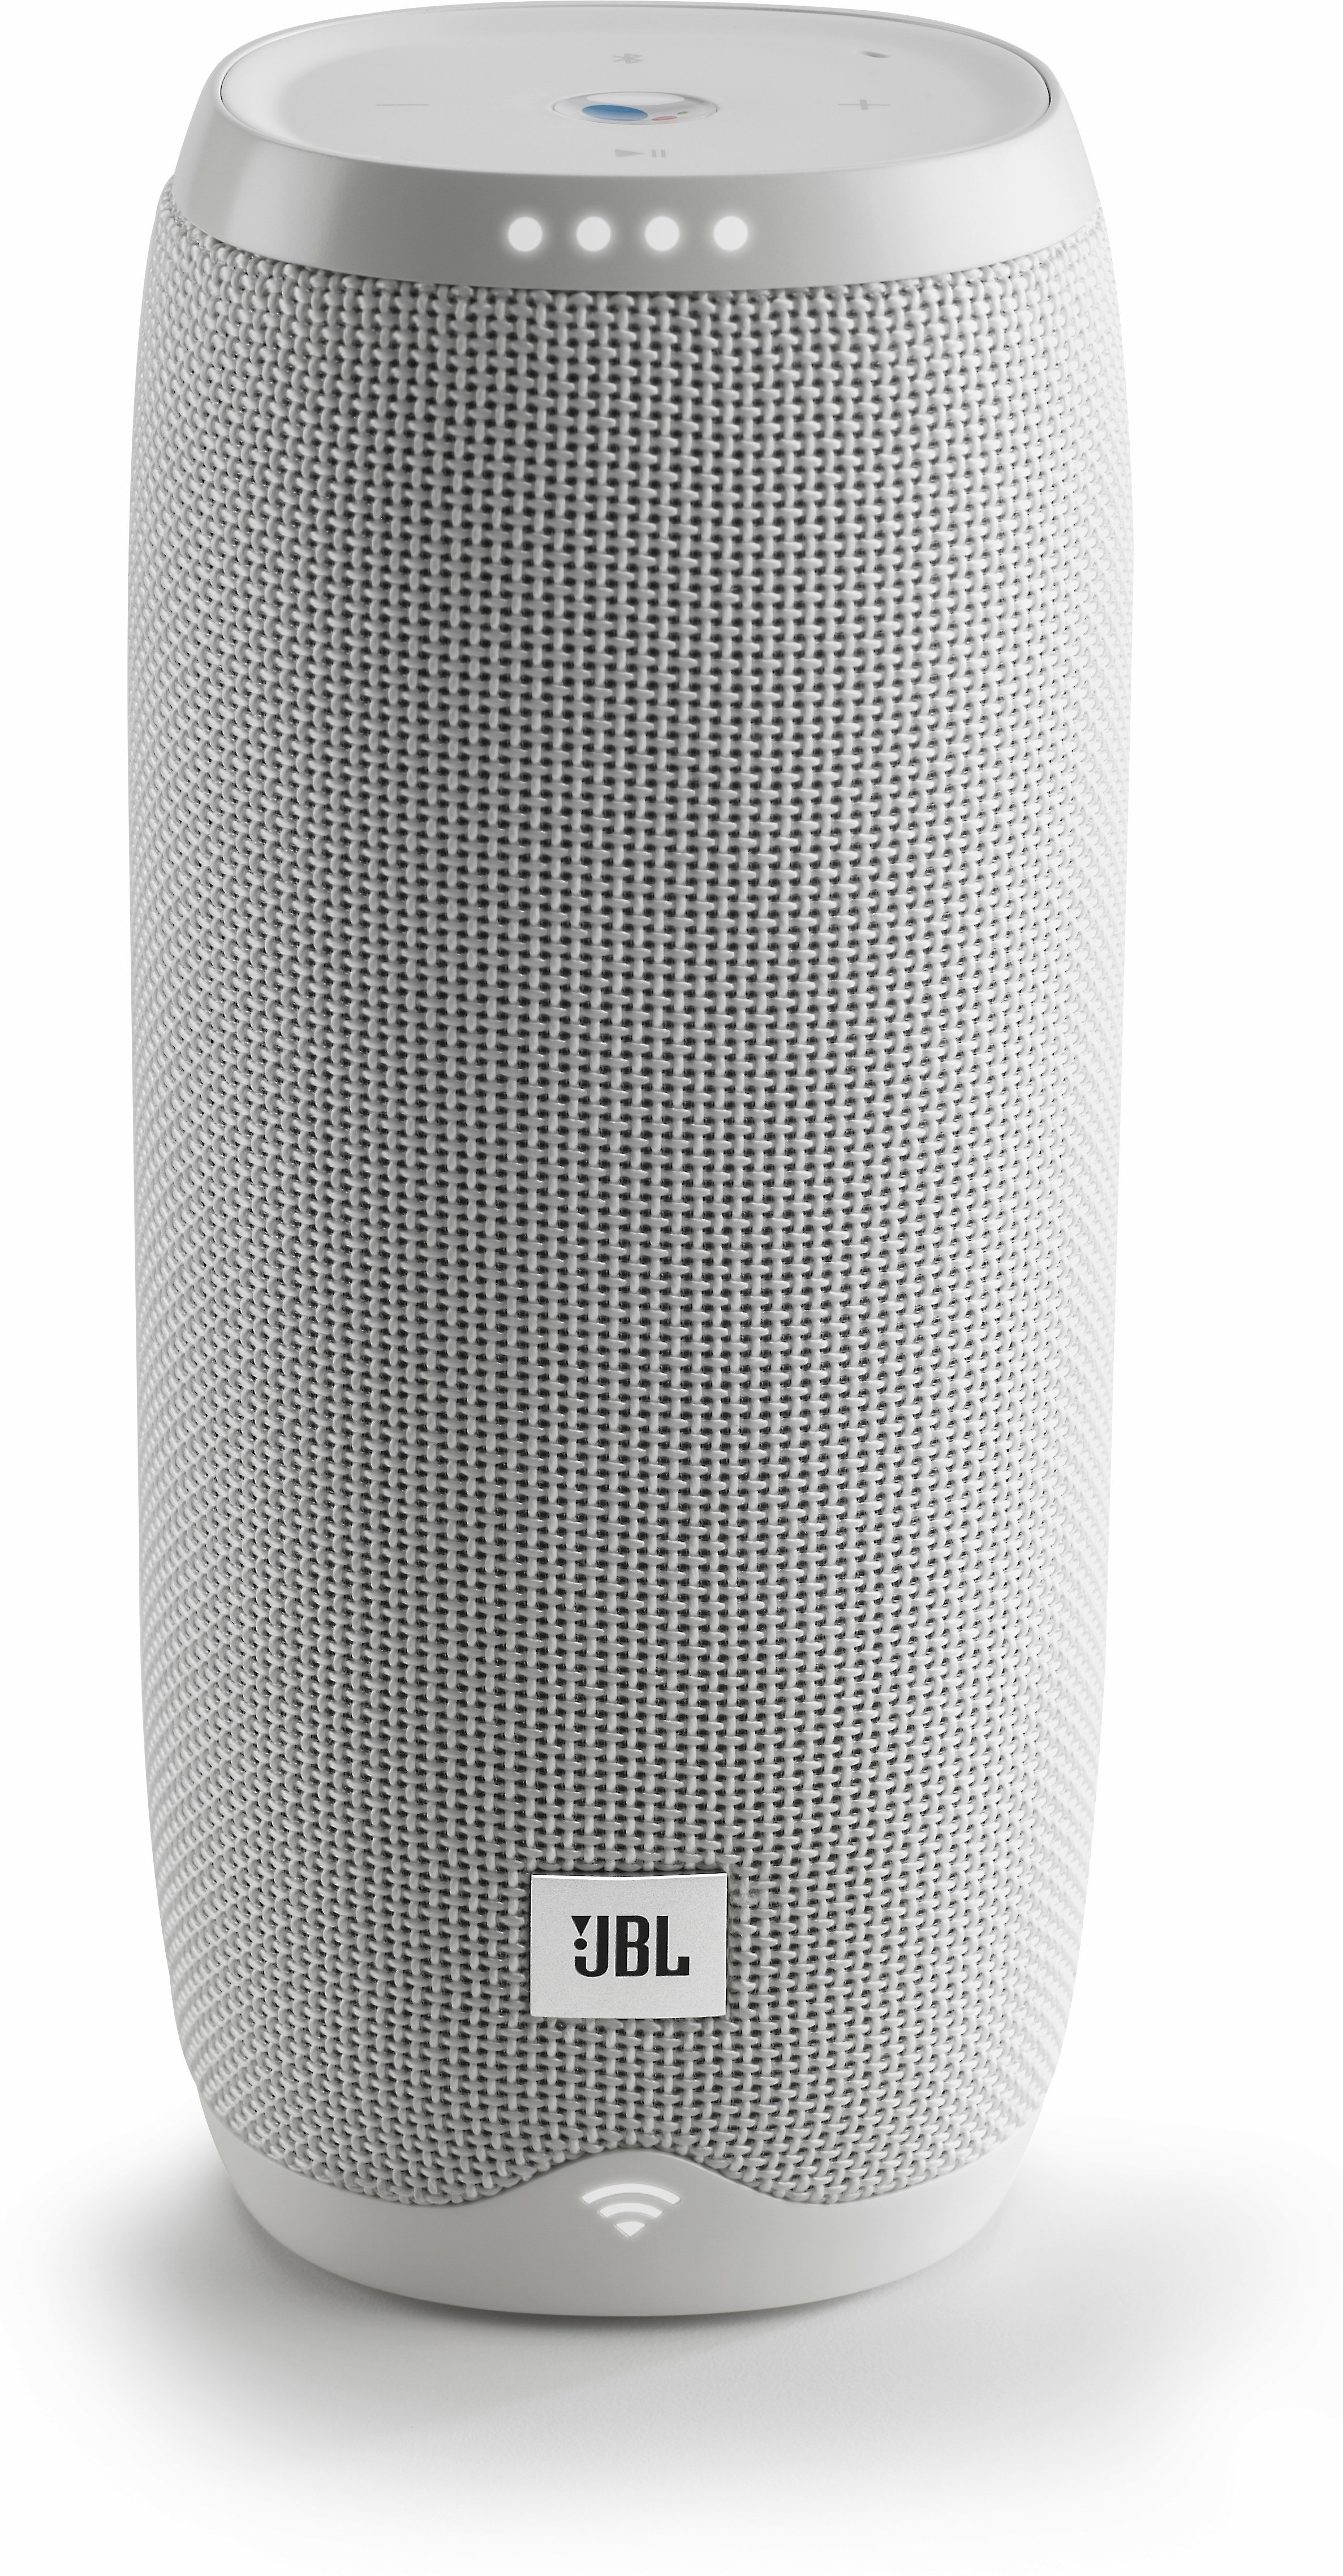 JBL LINK 20 Smart Portable Bluetooth Speaker Google Assistant Black White